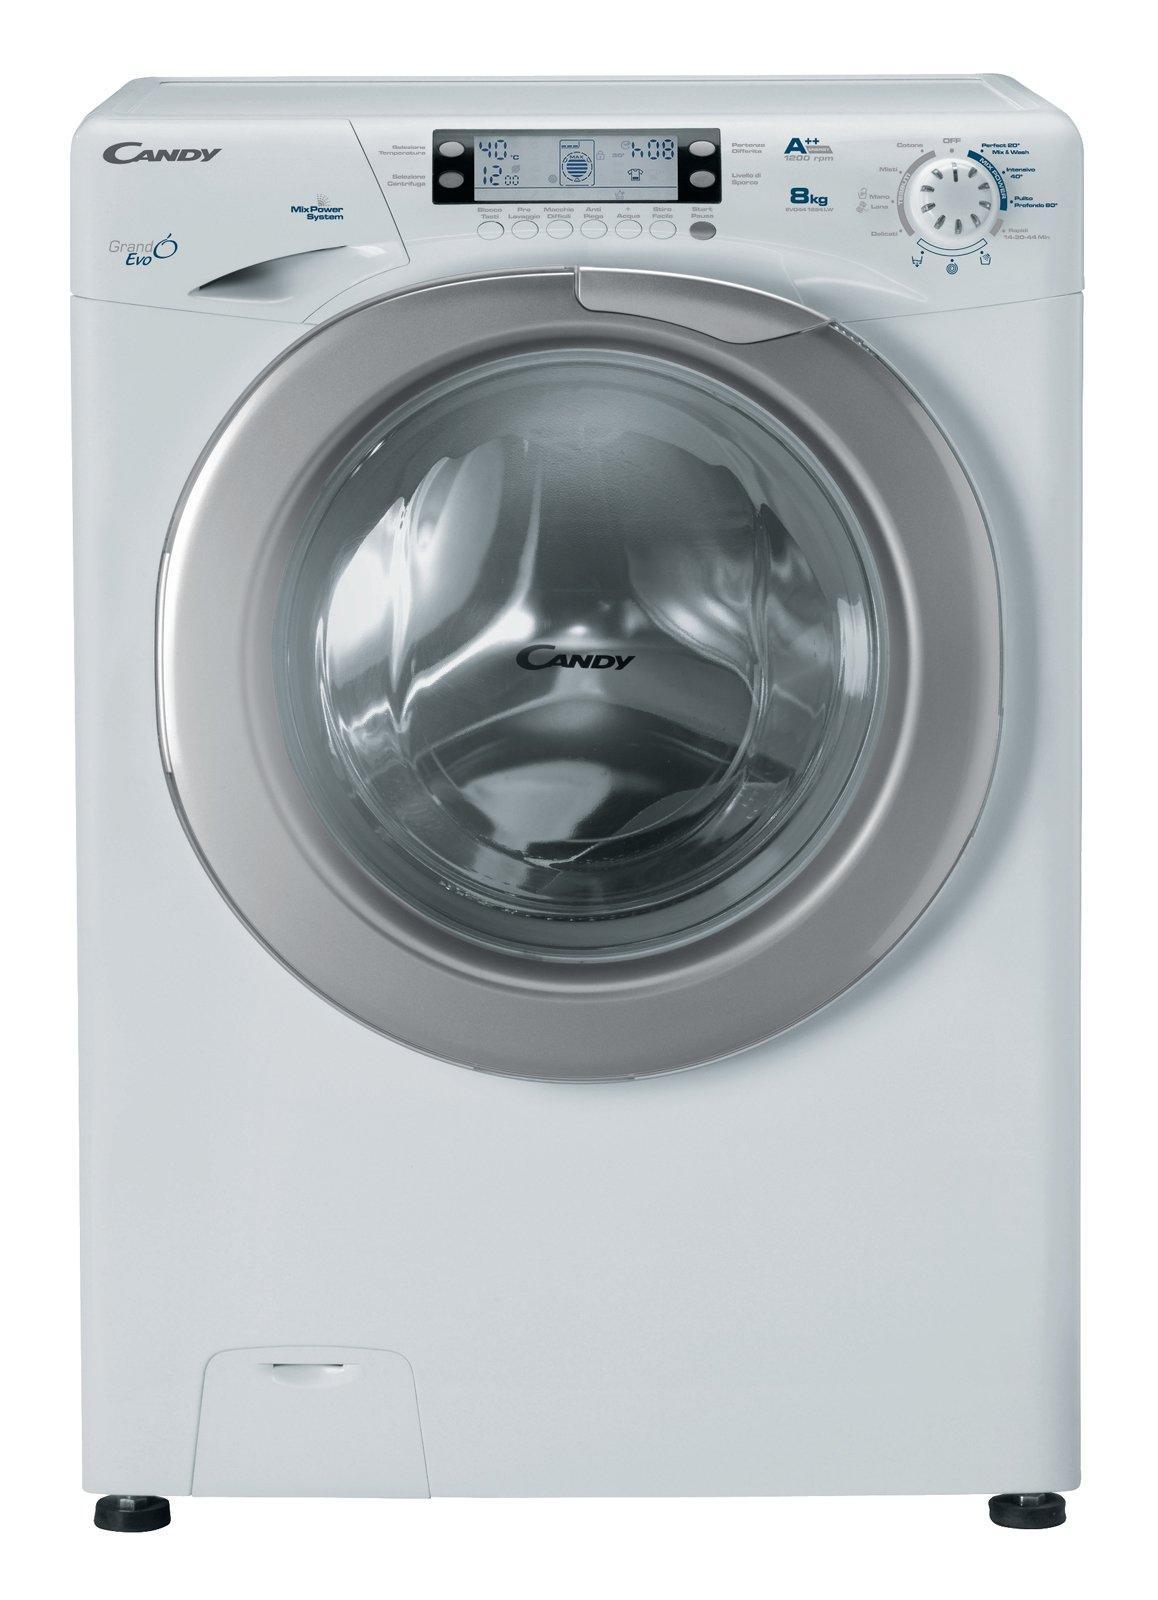 Lavatrici il modello giusto per ogni esigenza cose di casa for Lavatrici 7 kg miglior prezzo